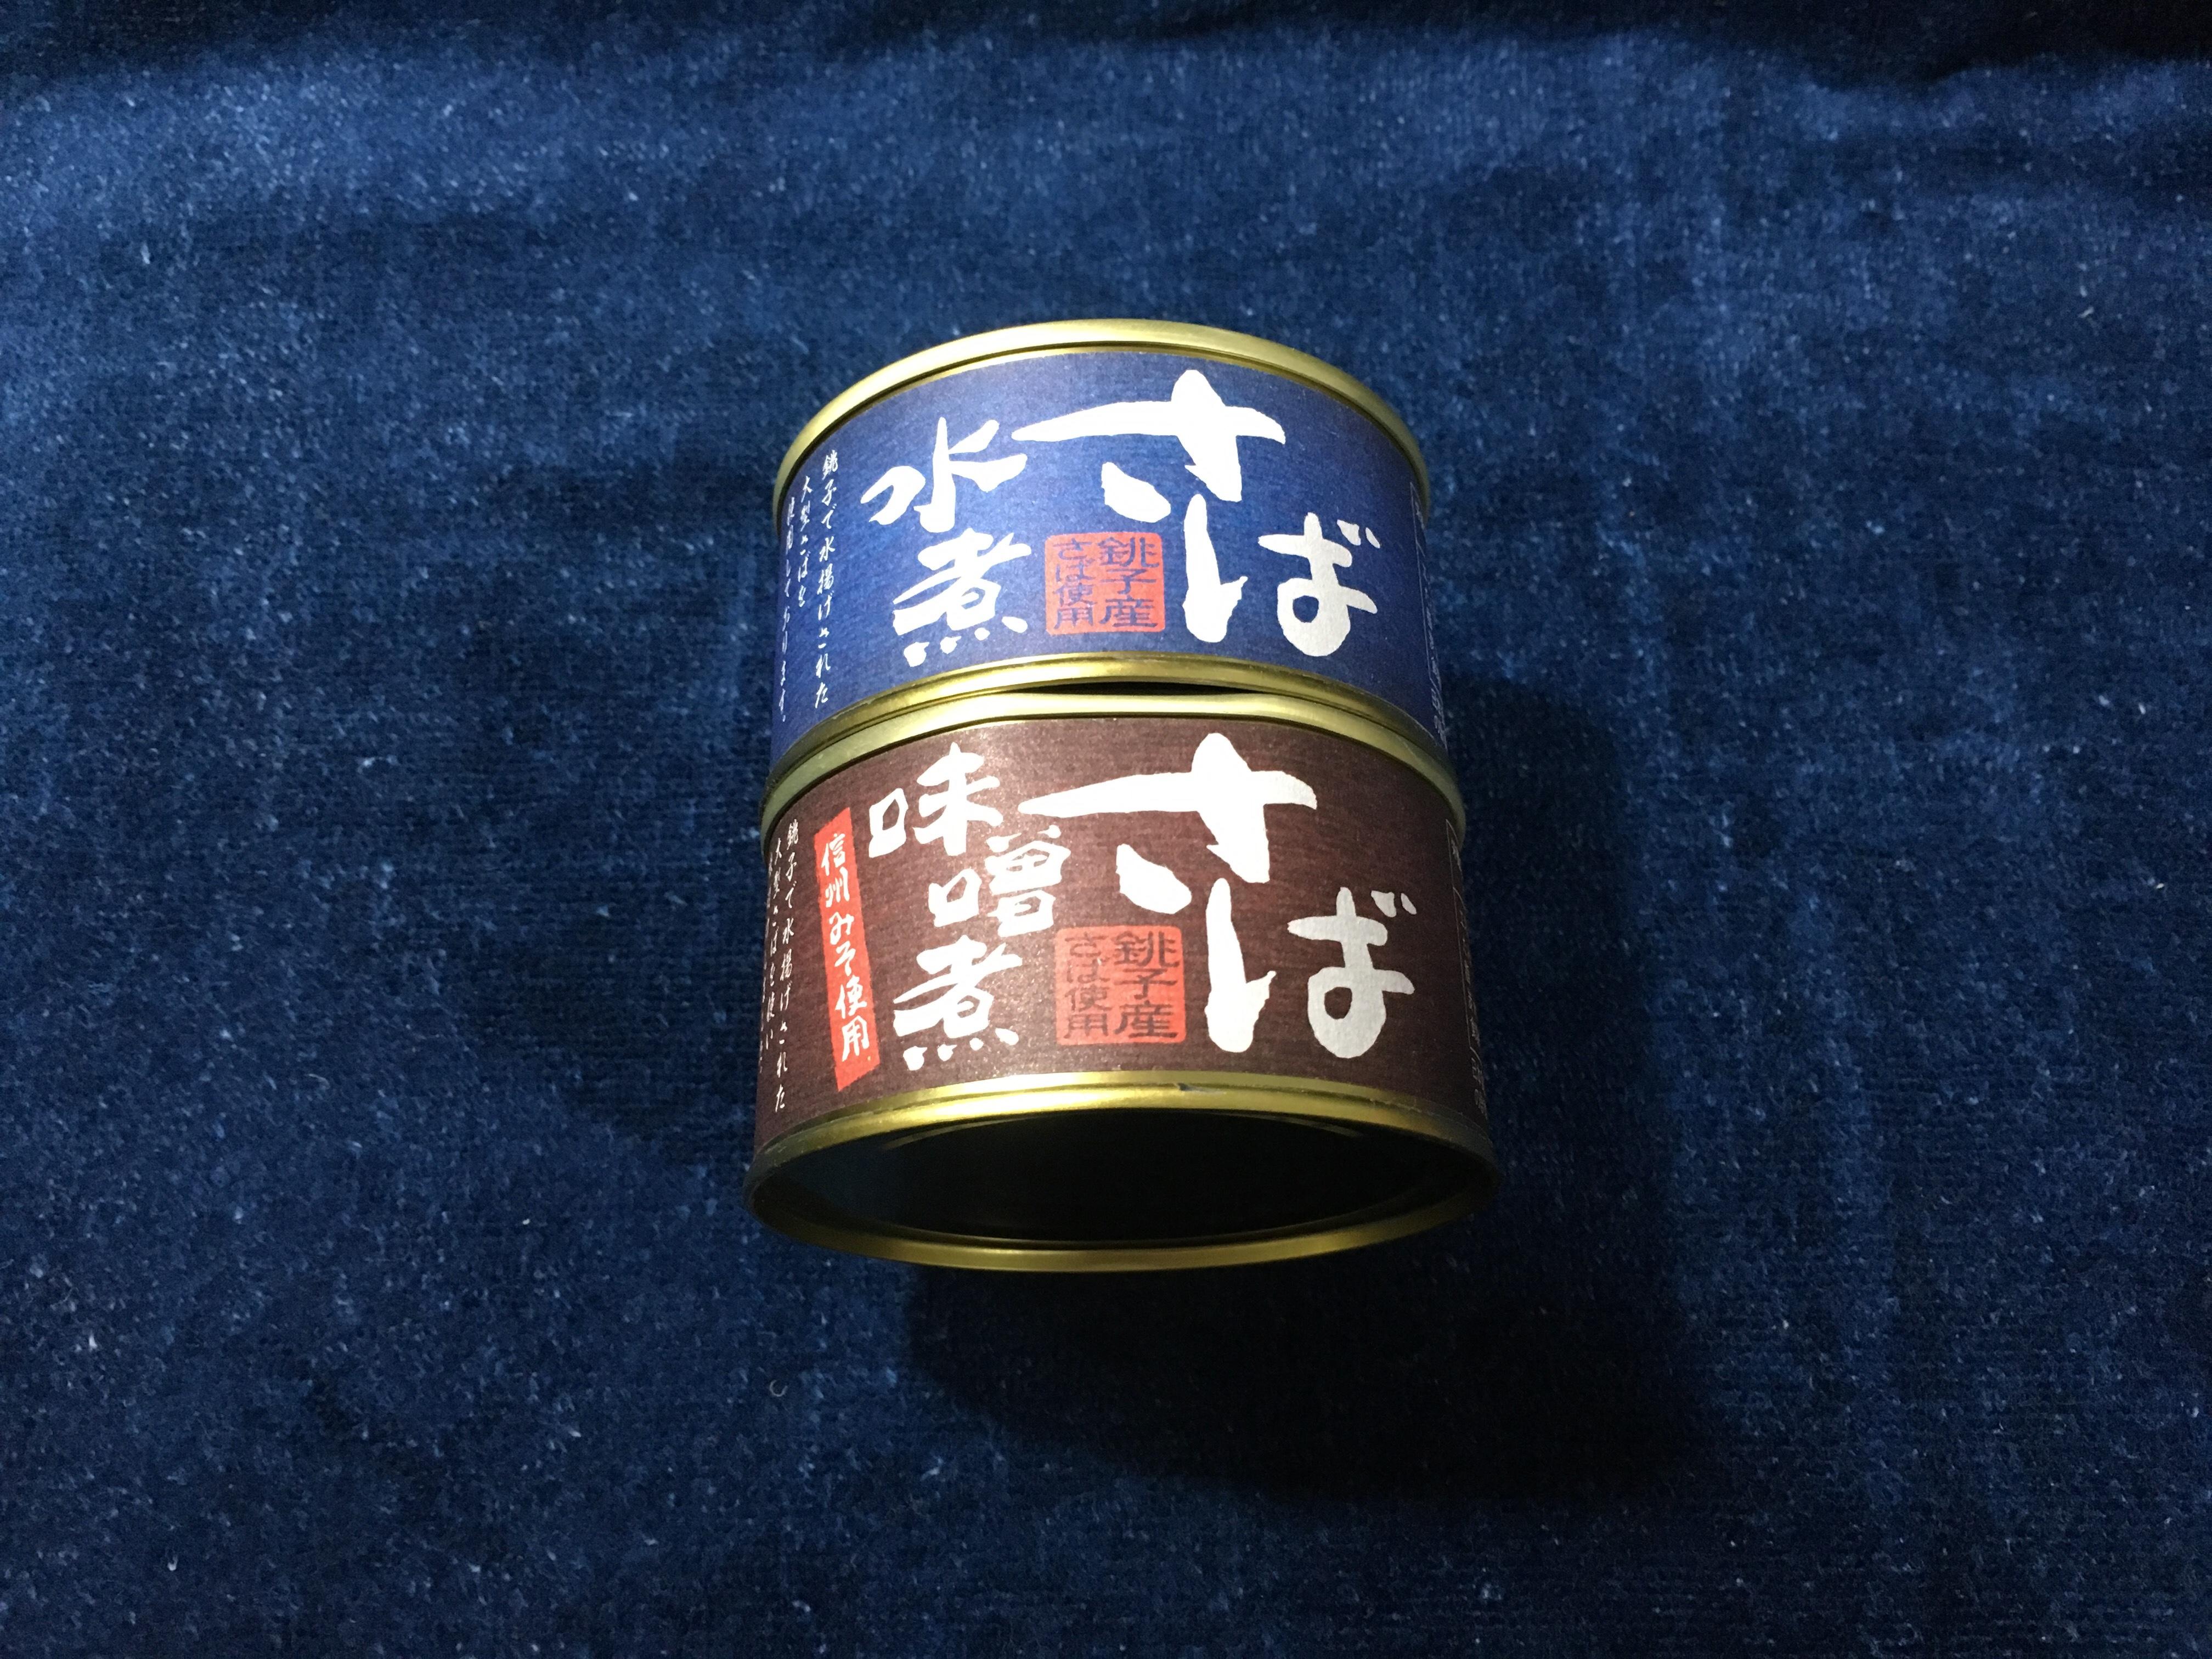 信田缶詰の渋い銚子鯖缶『さば水煮』を食レポしてみた。【5つ星評価、味】